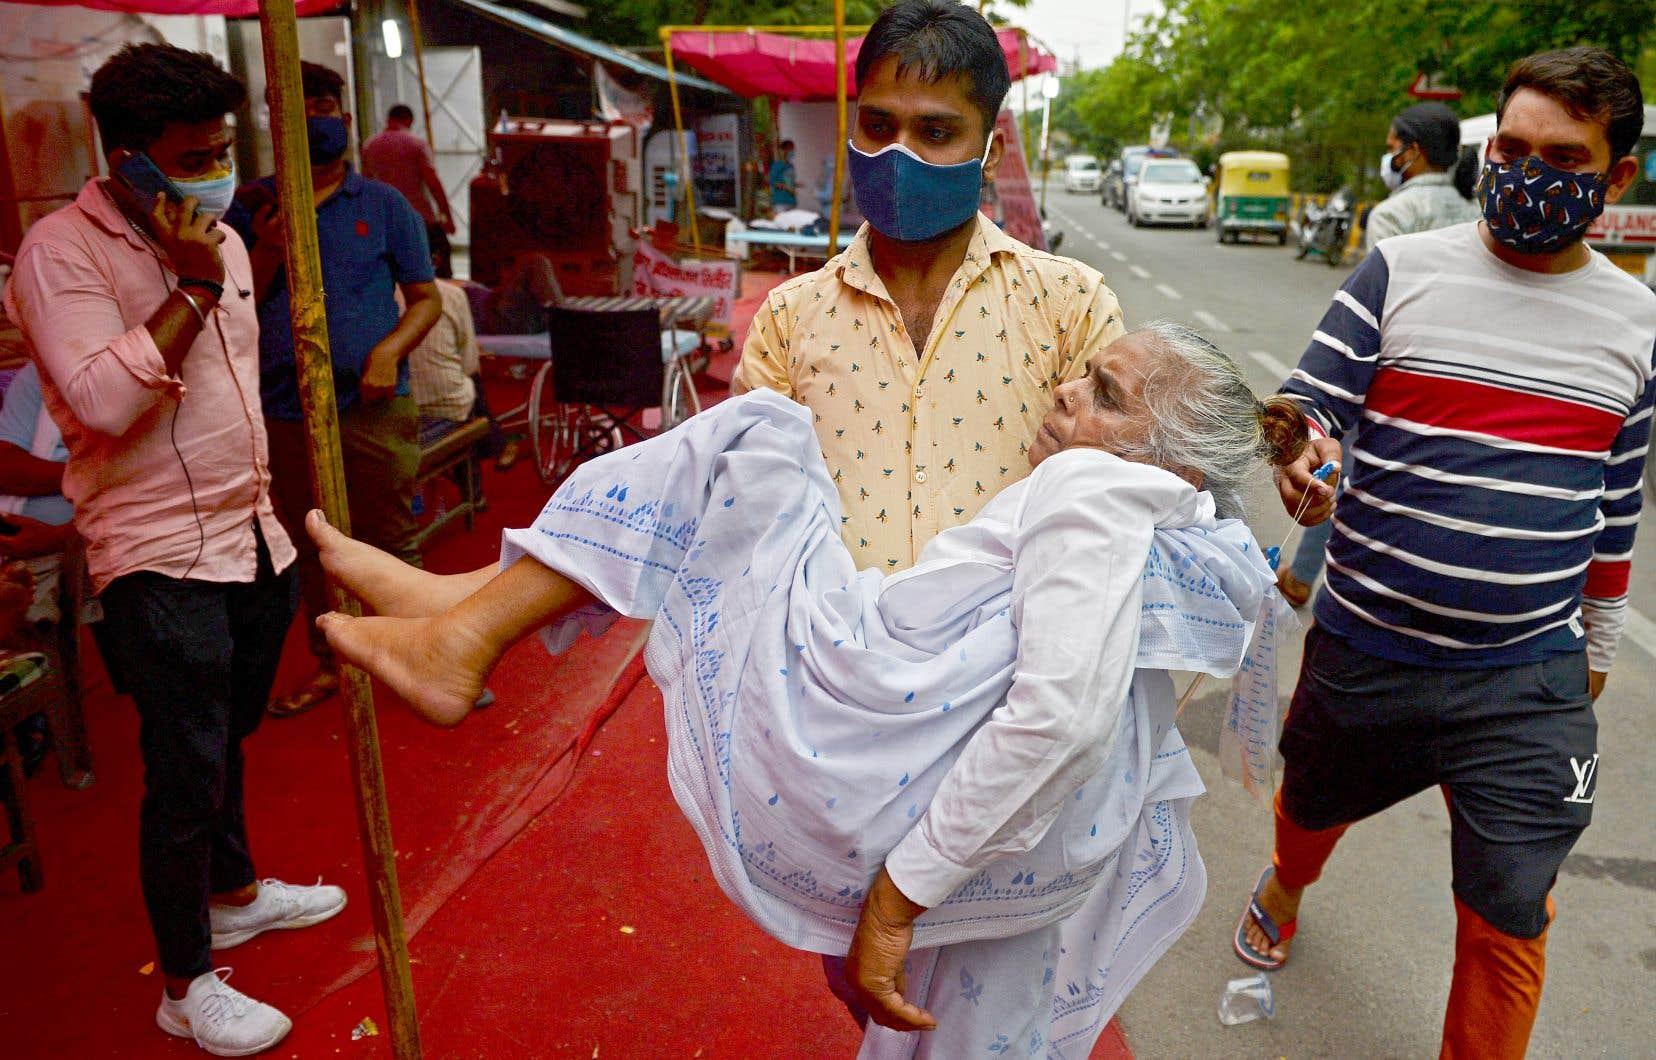 Le variant du coronavirus découvert en Inde est plus contagieux et présente des caractéristiques qui pourraient rendre les vaccins moins effiaces, contribuant à l'accélération de l'épidémie dans ce vaste pays, a averti samedi la scientifique en chef de l'OMS.